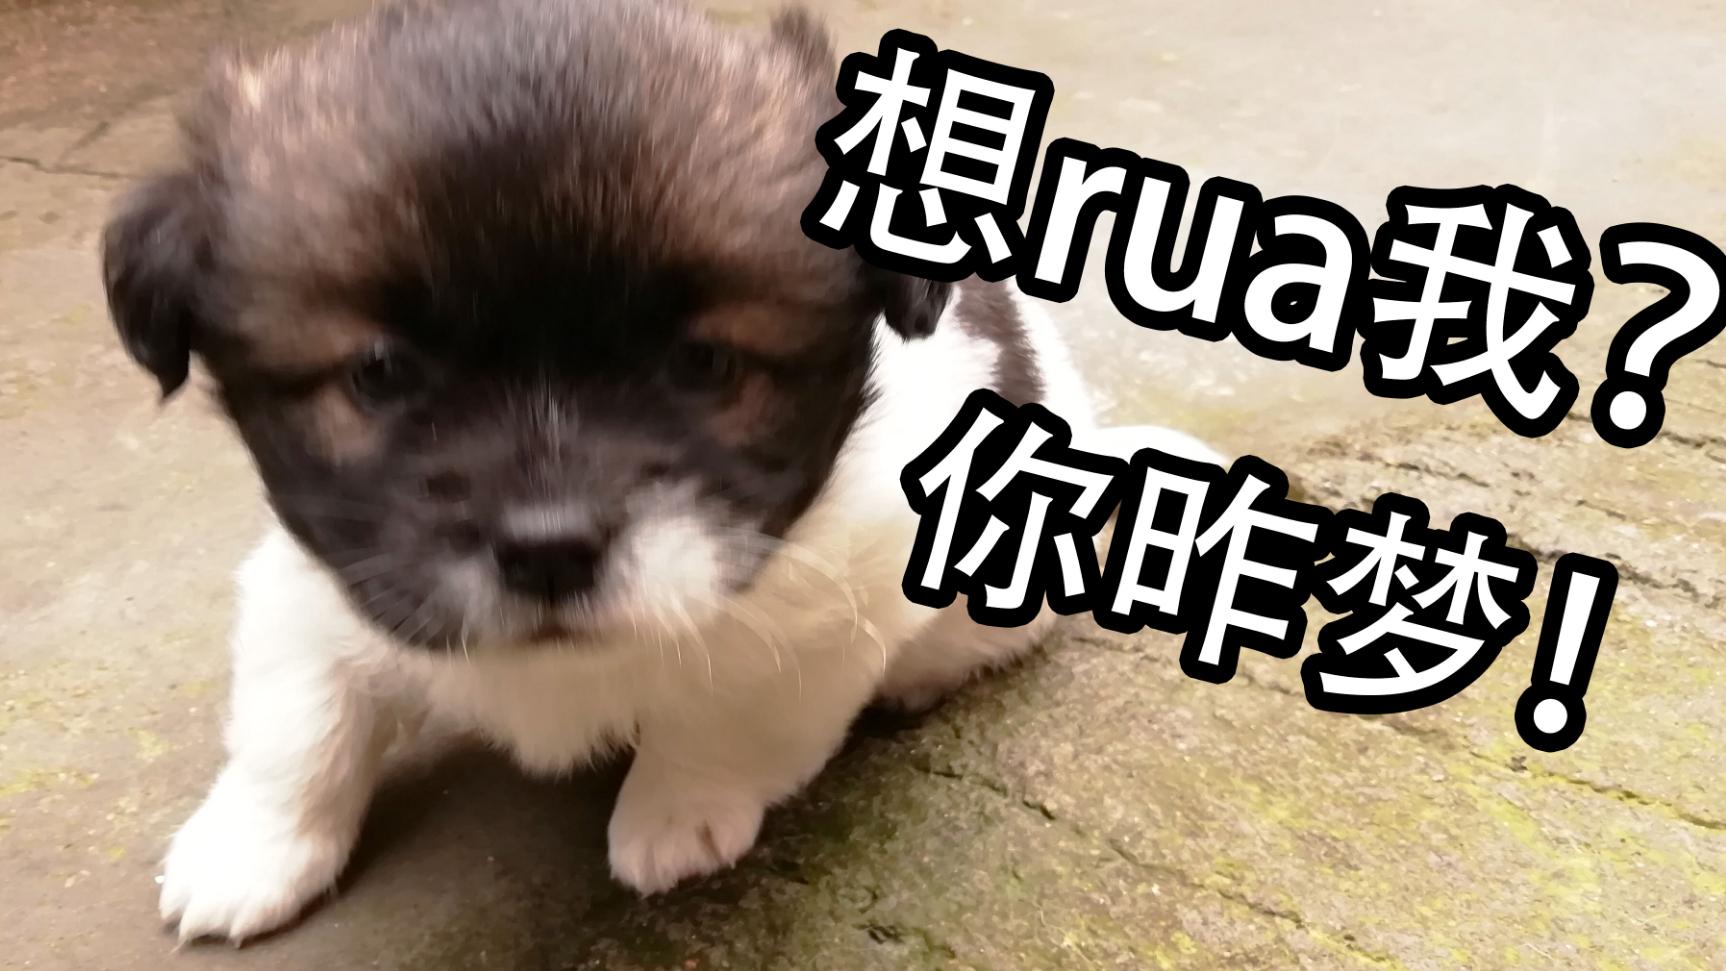 【中华田园犬】一个月大的小奶狗rua起起来是什么体验?